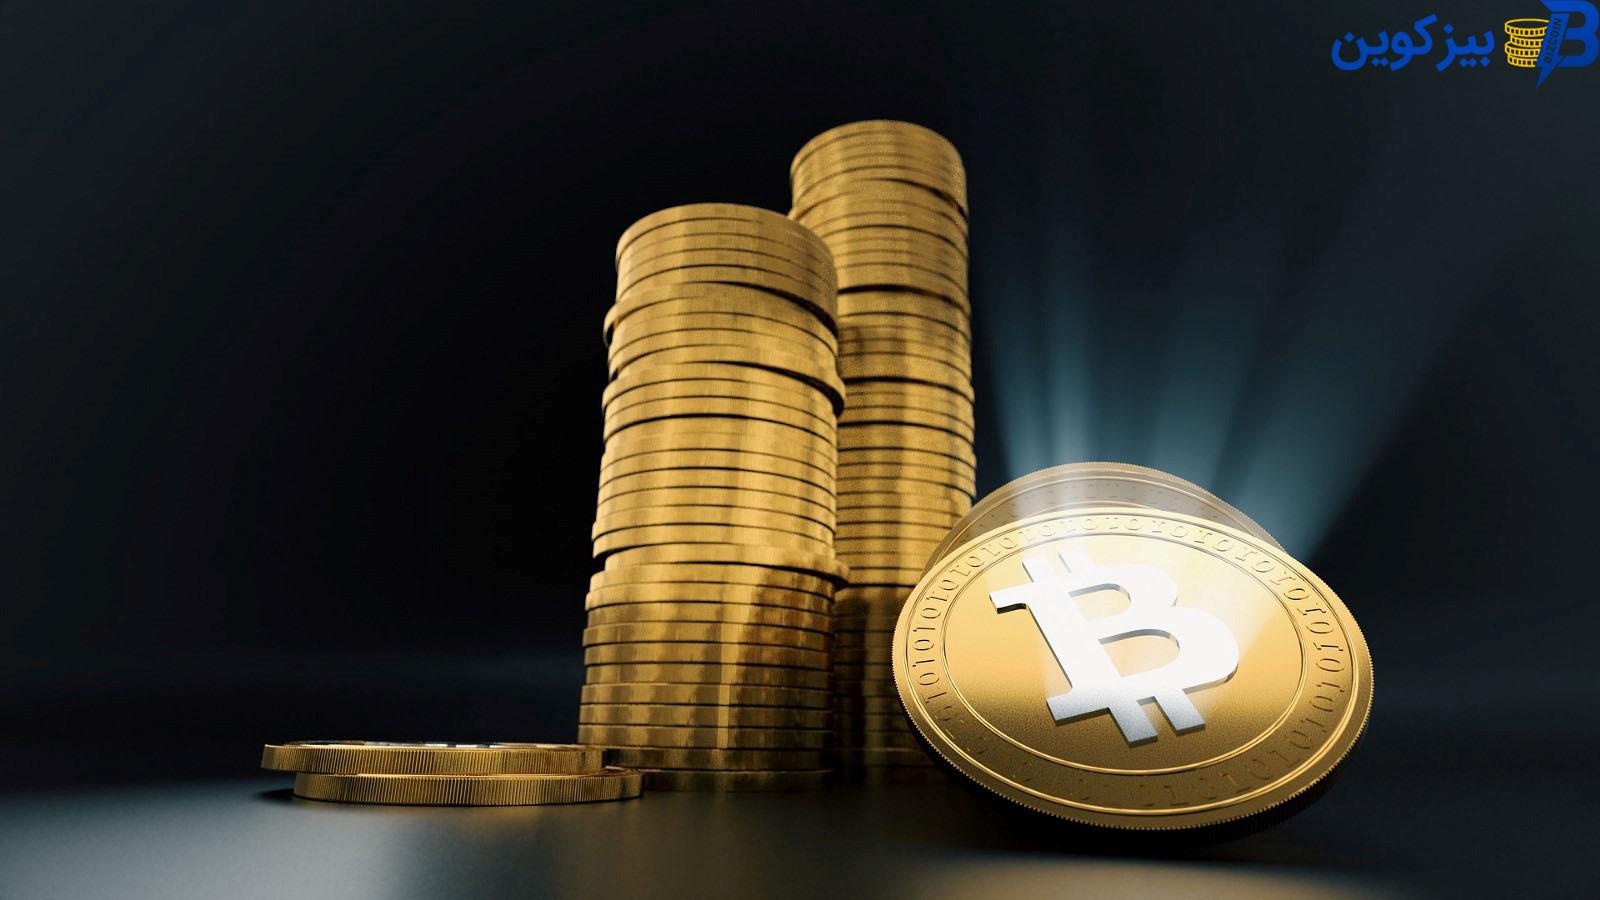 bitcoin price 2 قیمت بیت کوین در بازار جهانی چقدر است؟